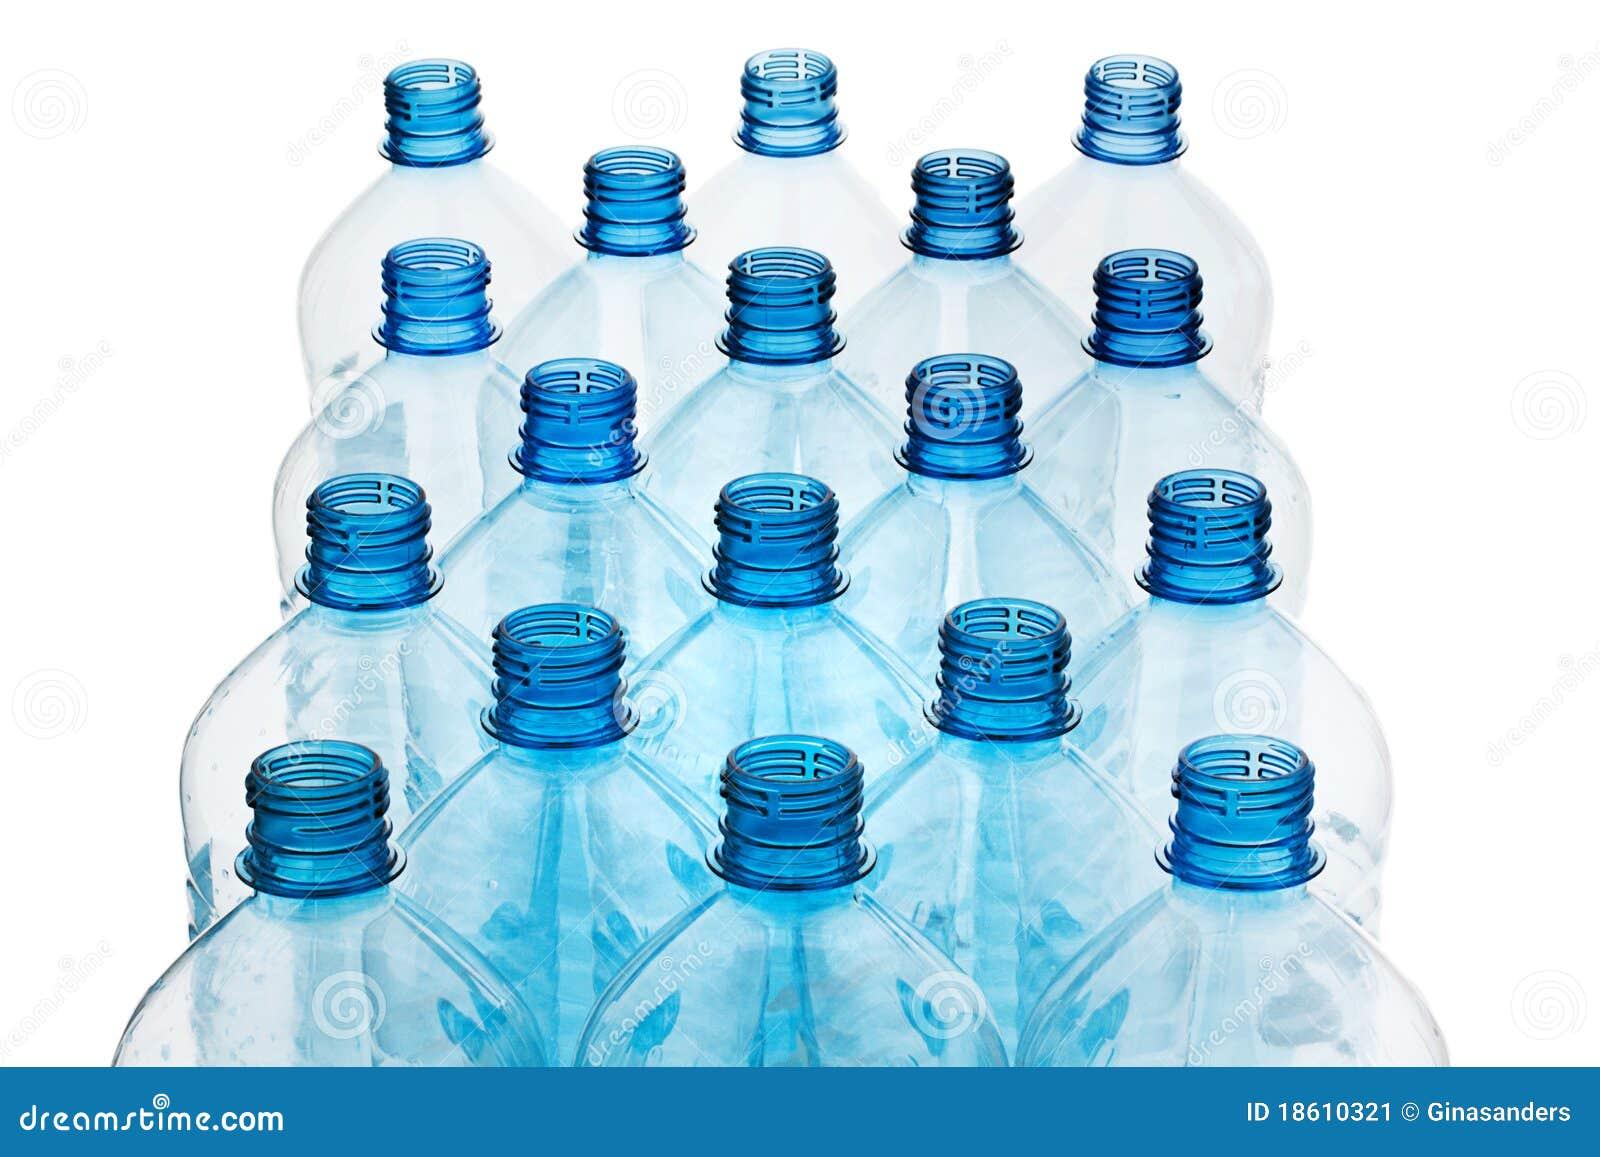 Bottiglia di plastica bottiglie di plastica vuote for Botole per tetti prezzi